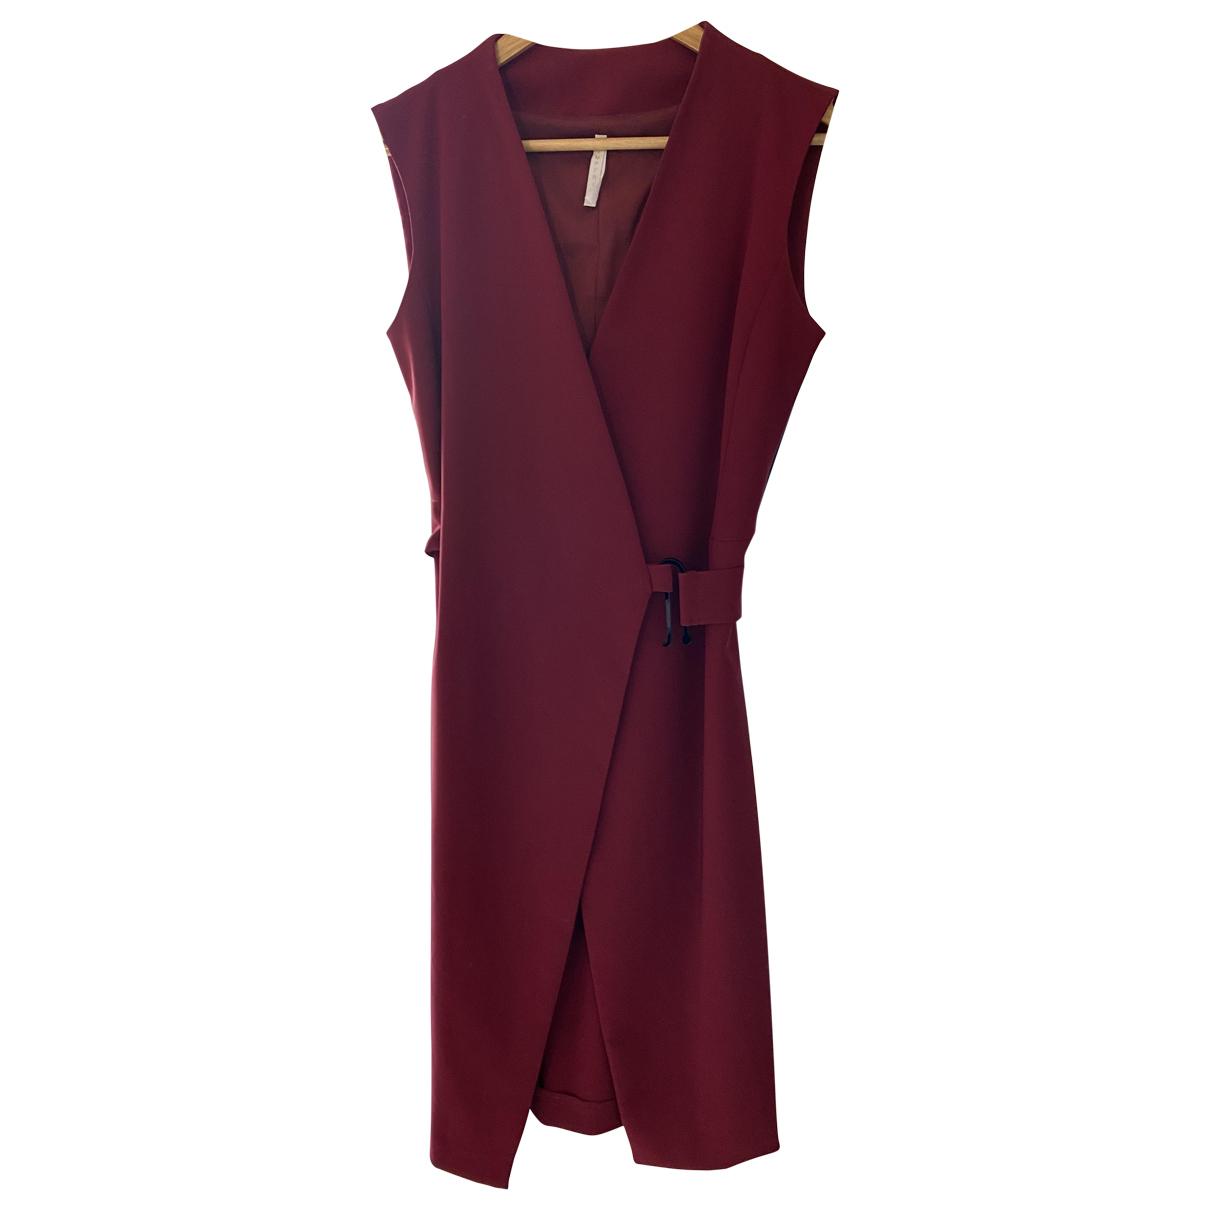 Imperial \N Kleid in  Bordeauxrot Polyester